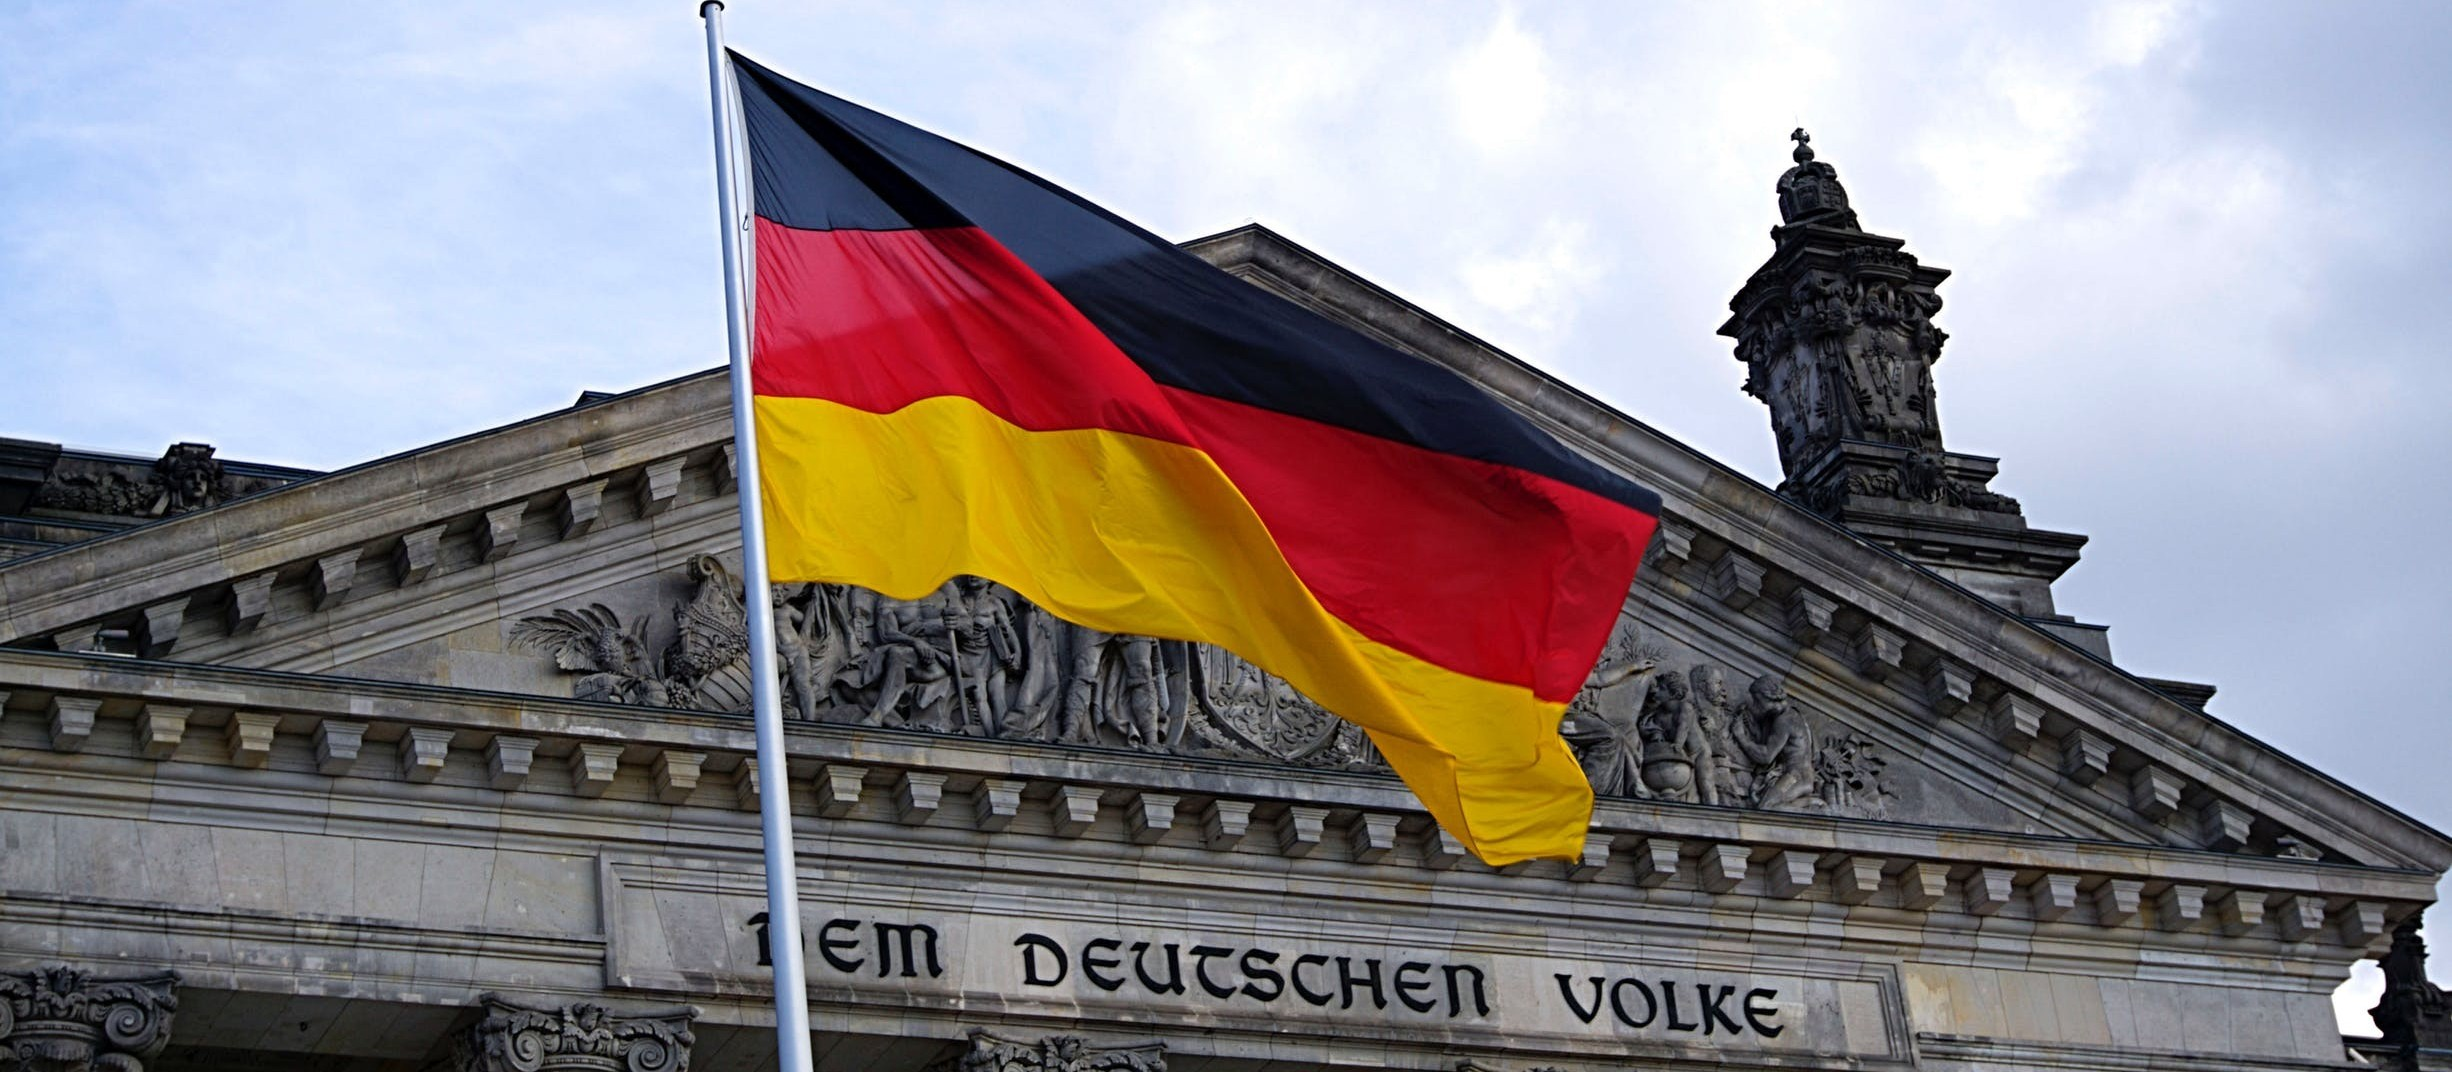 Na Alemanha, governo vai bancar 60% dos salários dos trabalhadores, diz brasileira